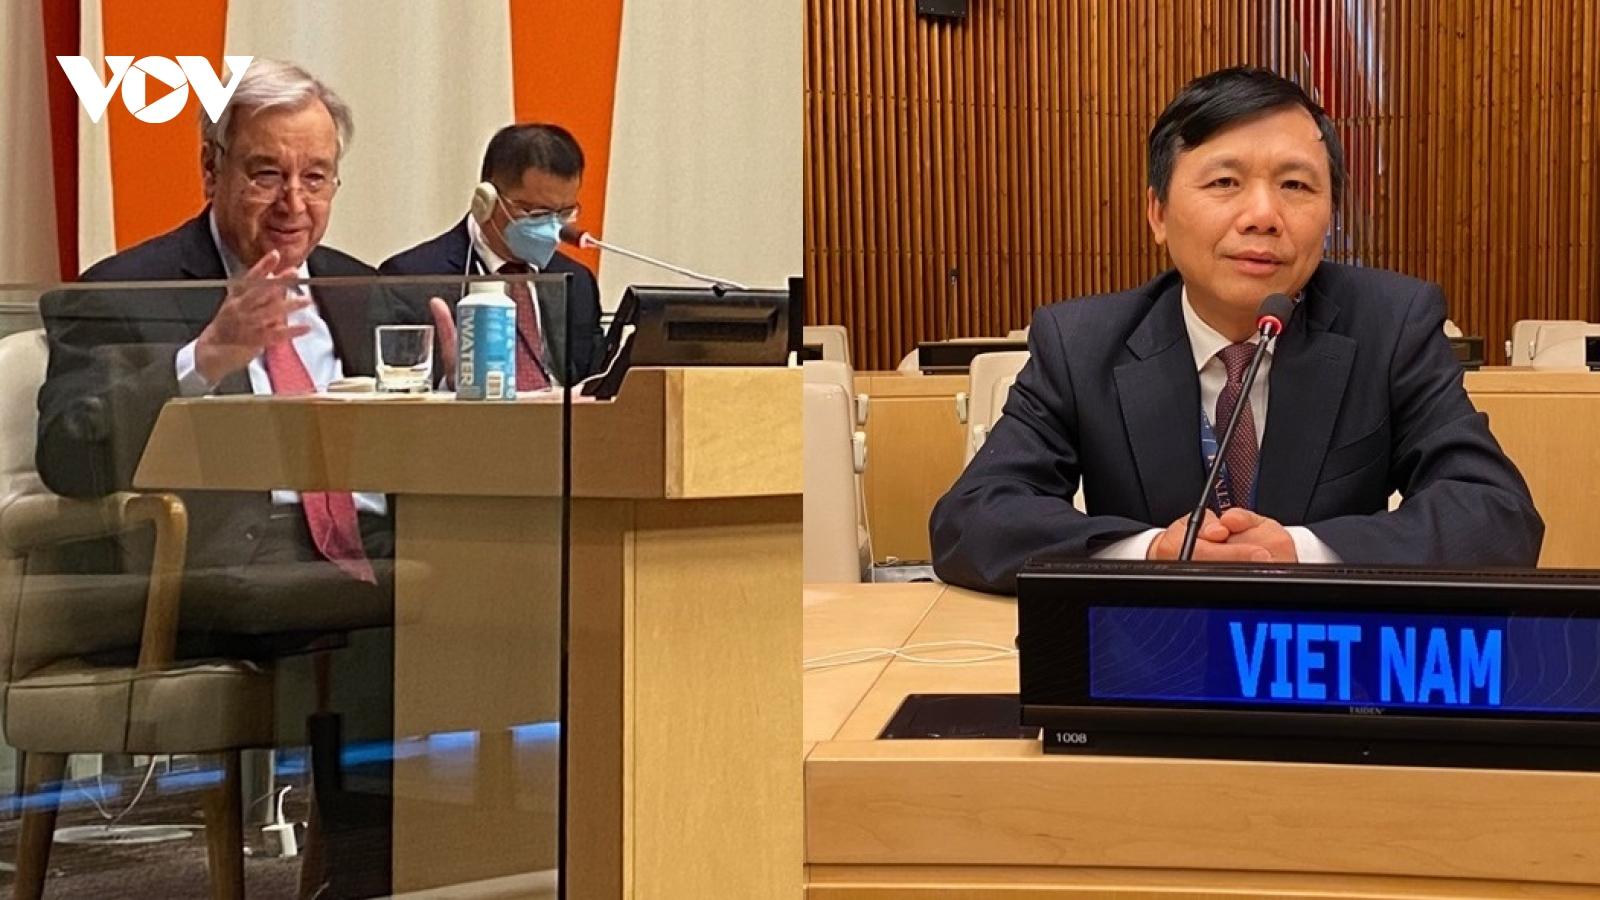 Hội đồng Bảo an thảo luận về ứng cử viên Tổng Thư ký Liên Hợp Quốc nhiệm kỳ 2022-2026